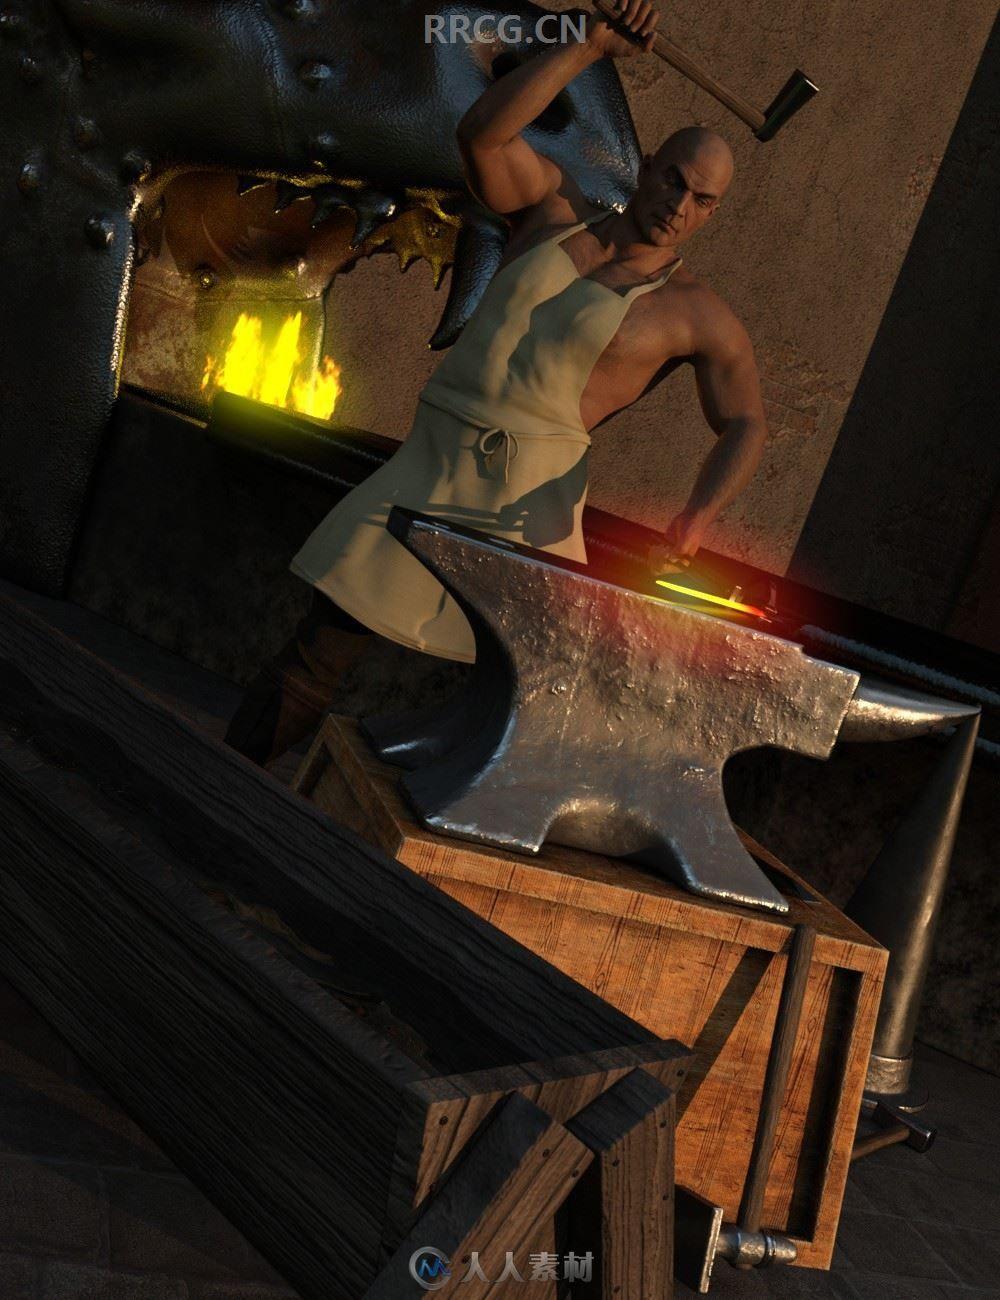 铁匠必备打磨钻凿武器工具3D模型合集